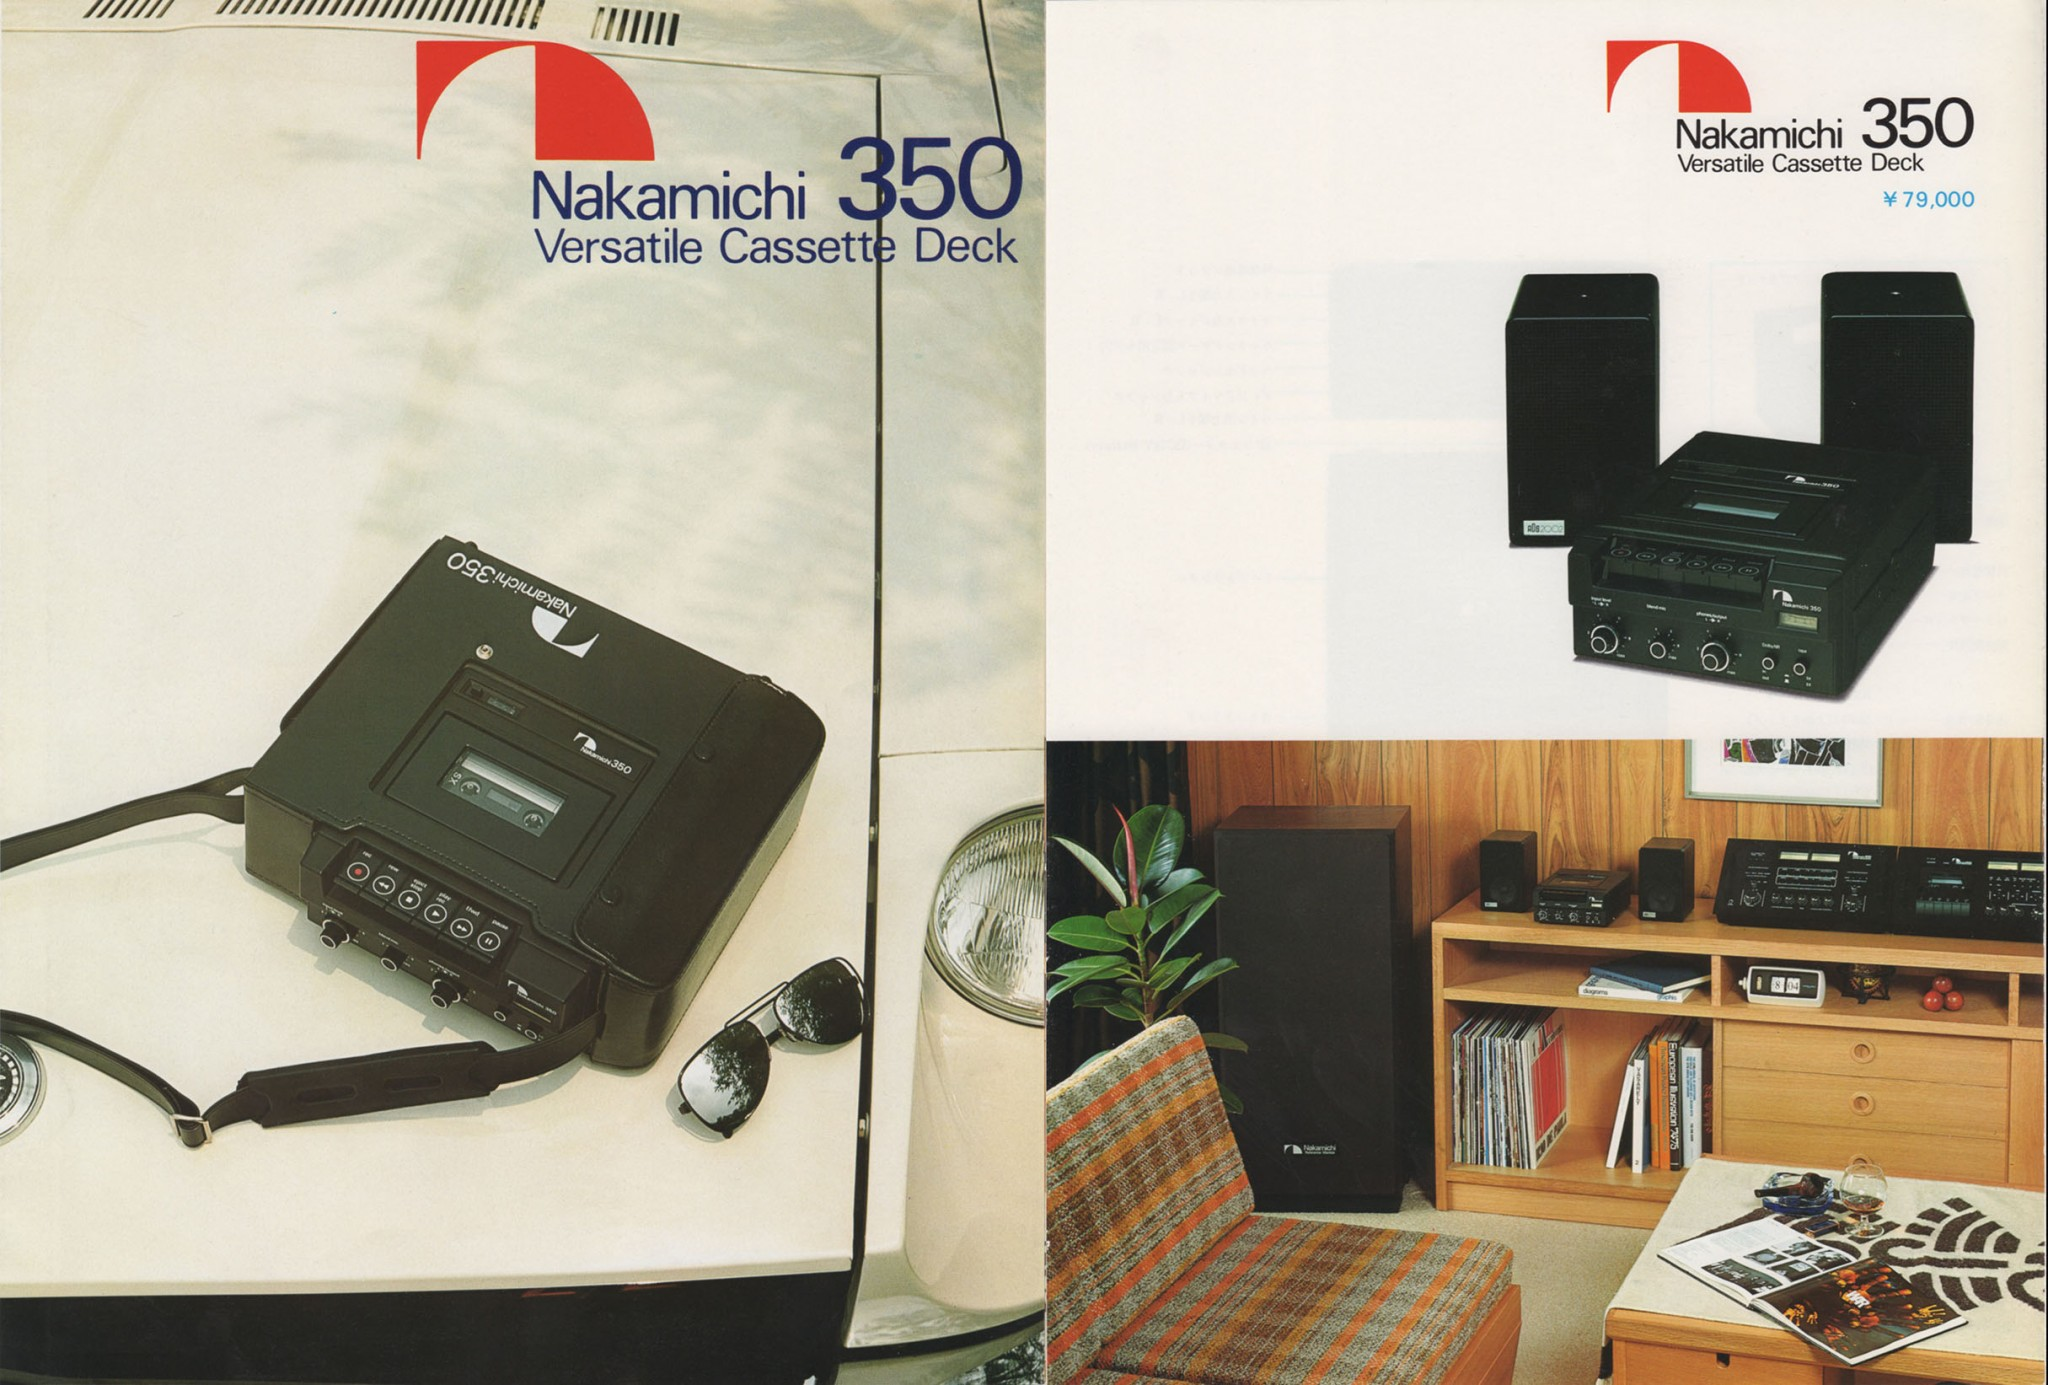 197607N350c.jpg